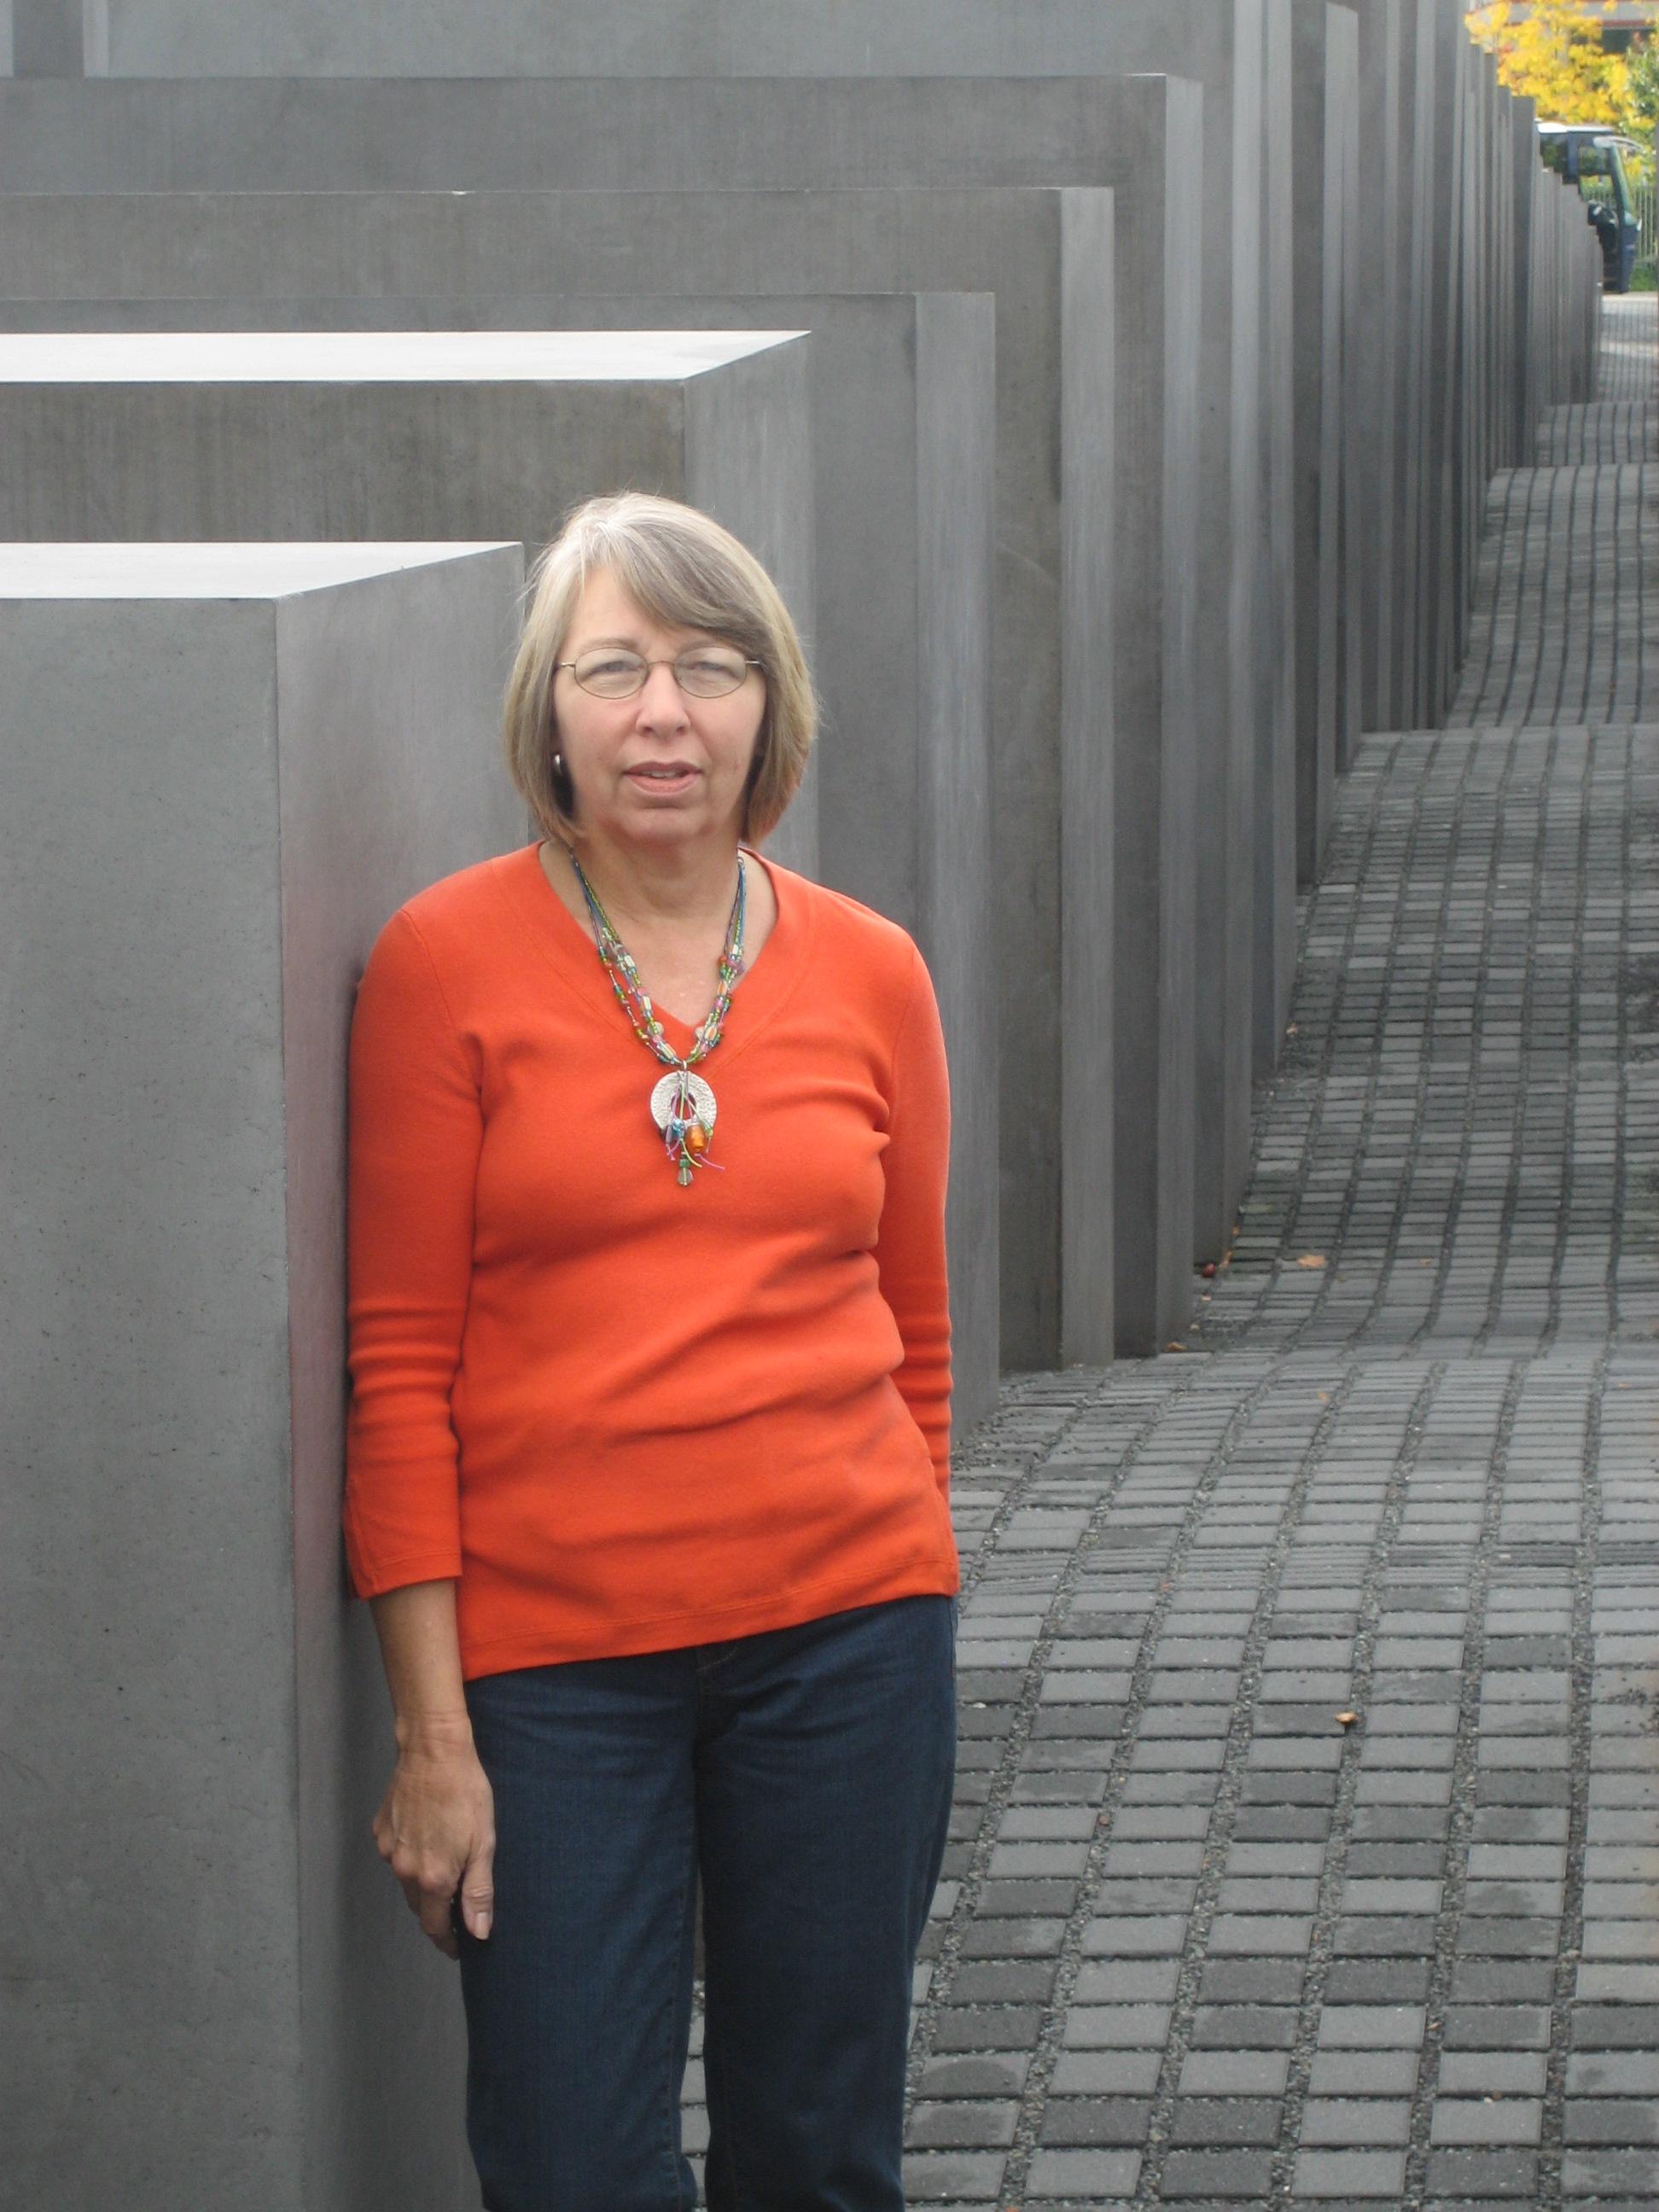 Carole inBerlin